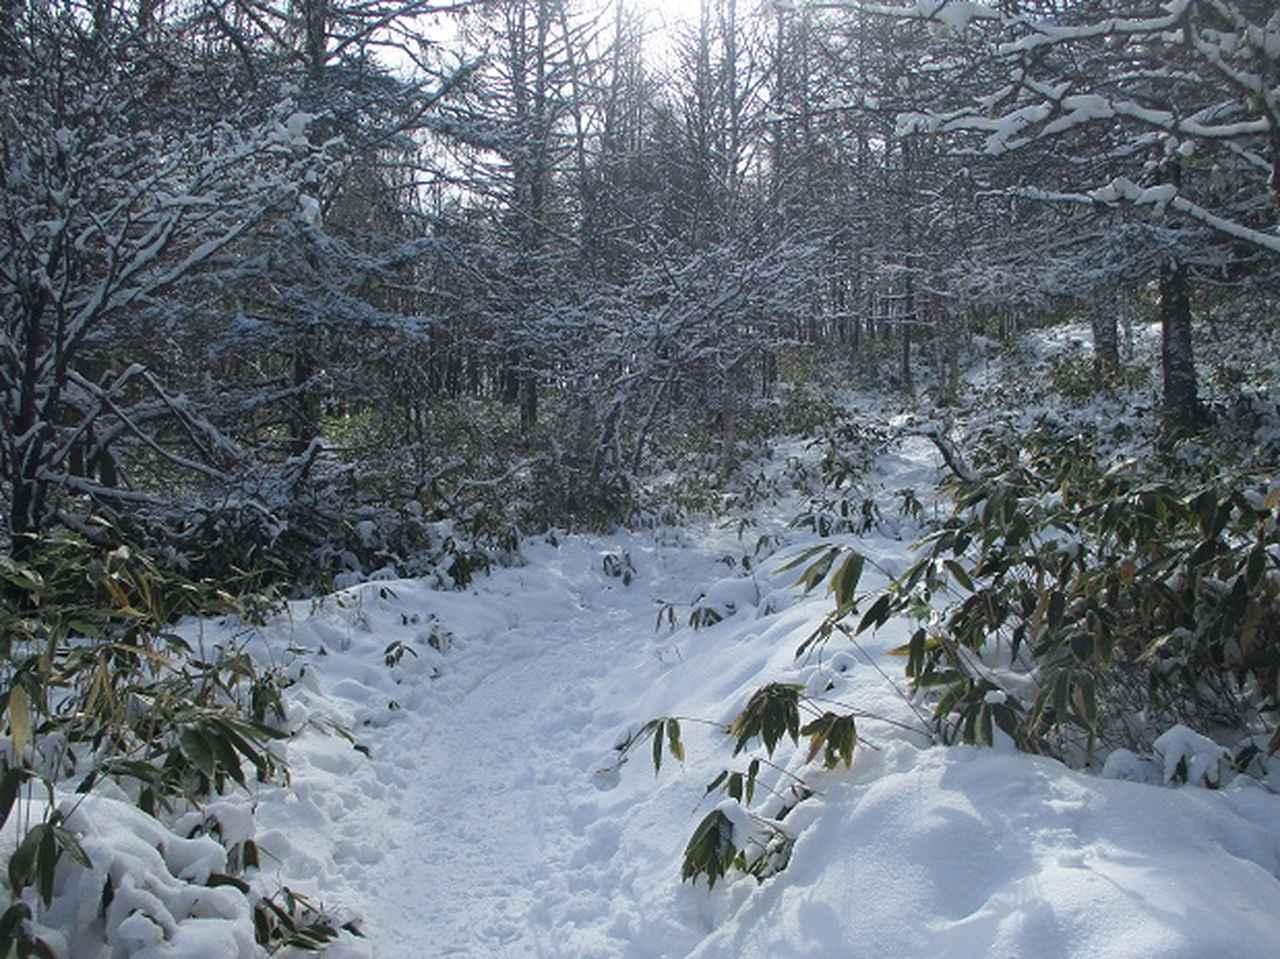 画像3: 【山旅会・登山ガイドこだわりツアー】岡田ガイドからの便り・山旅会ツアー3月までの催行状況